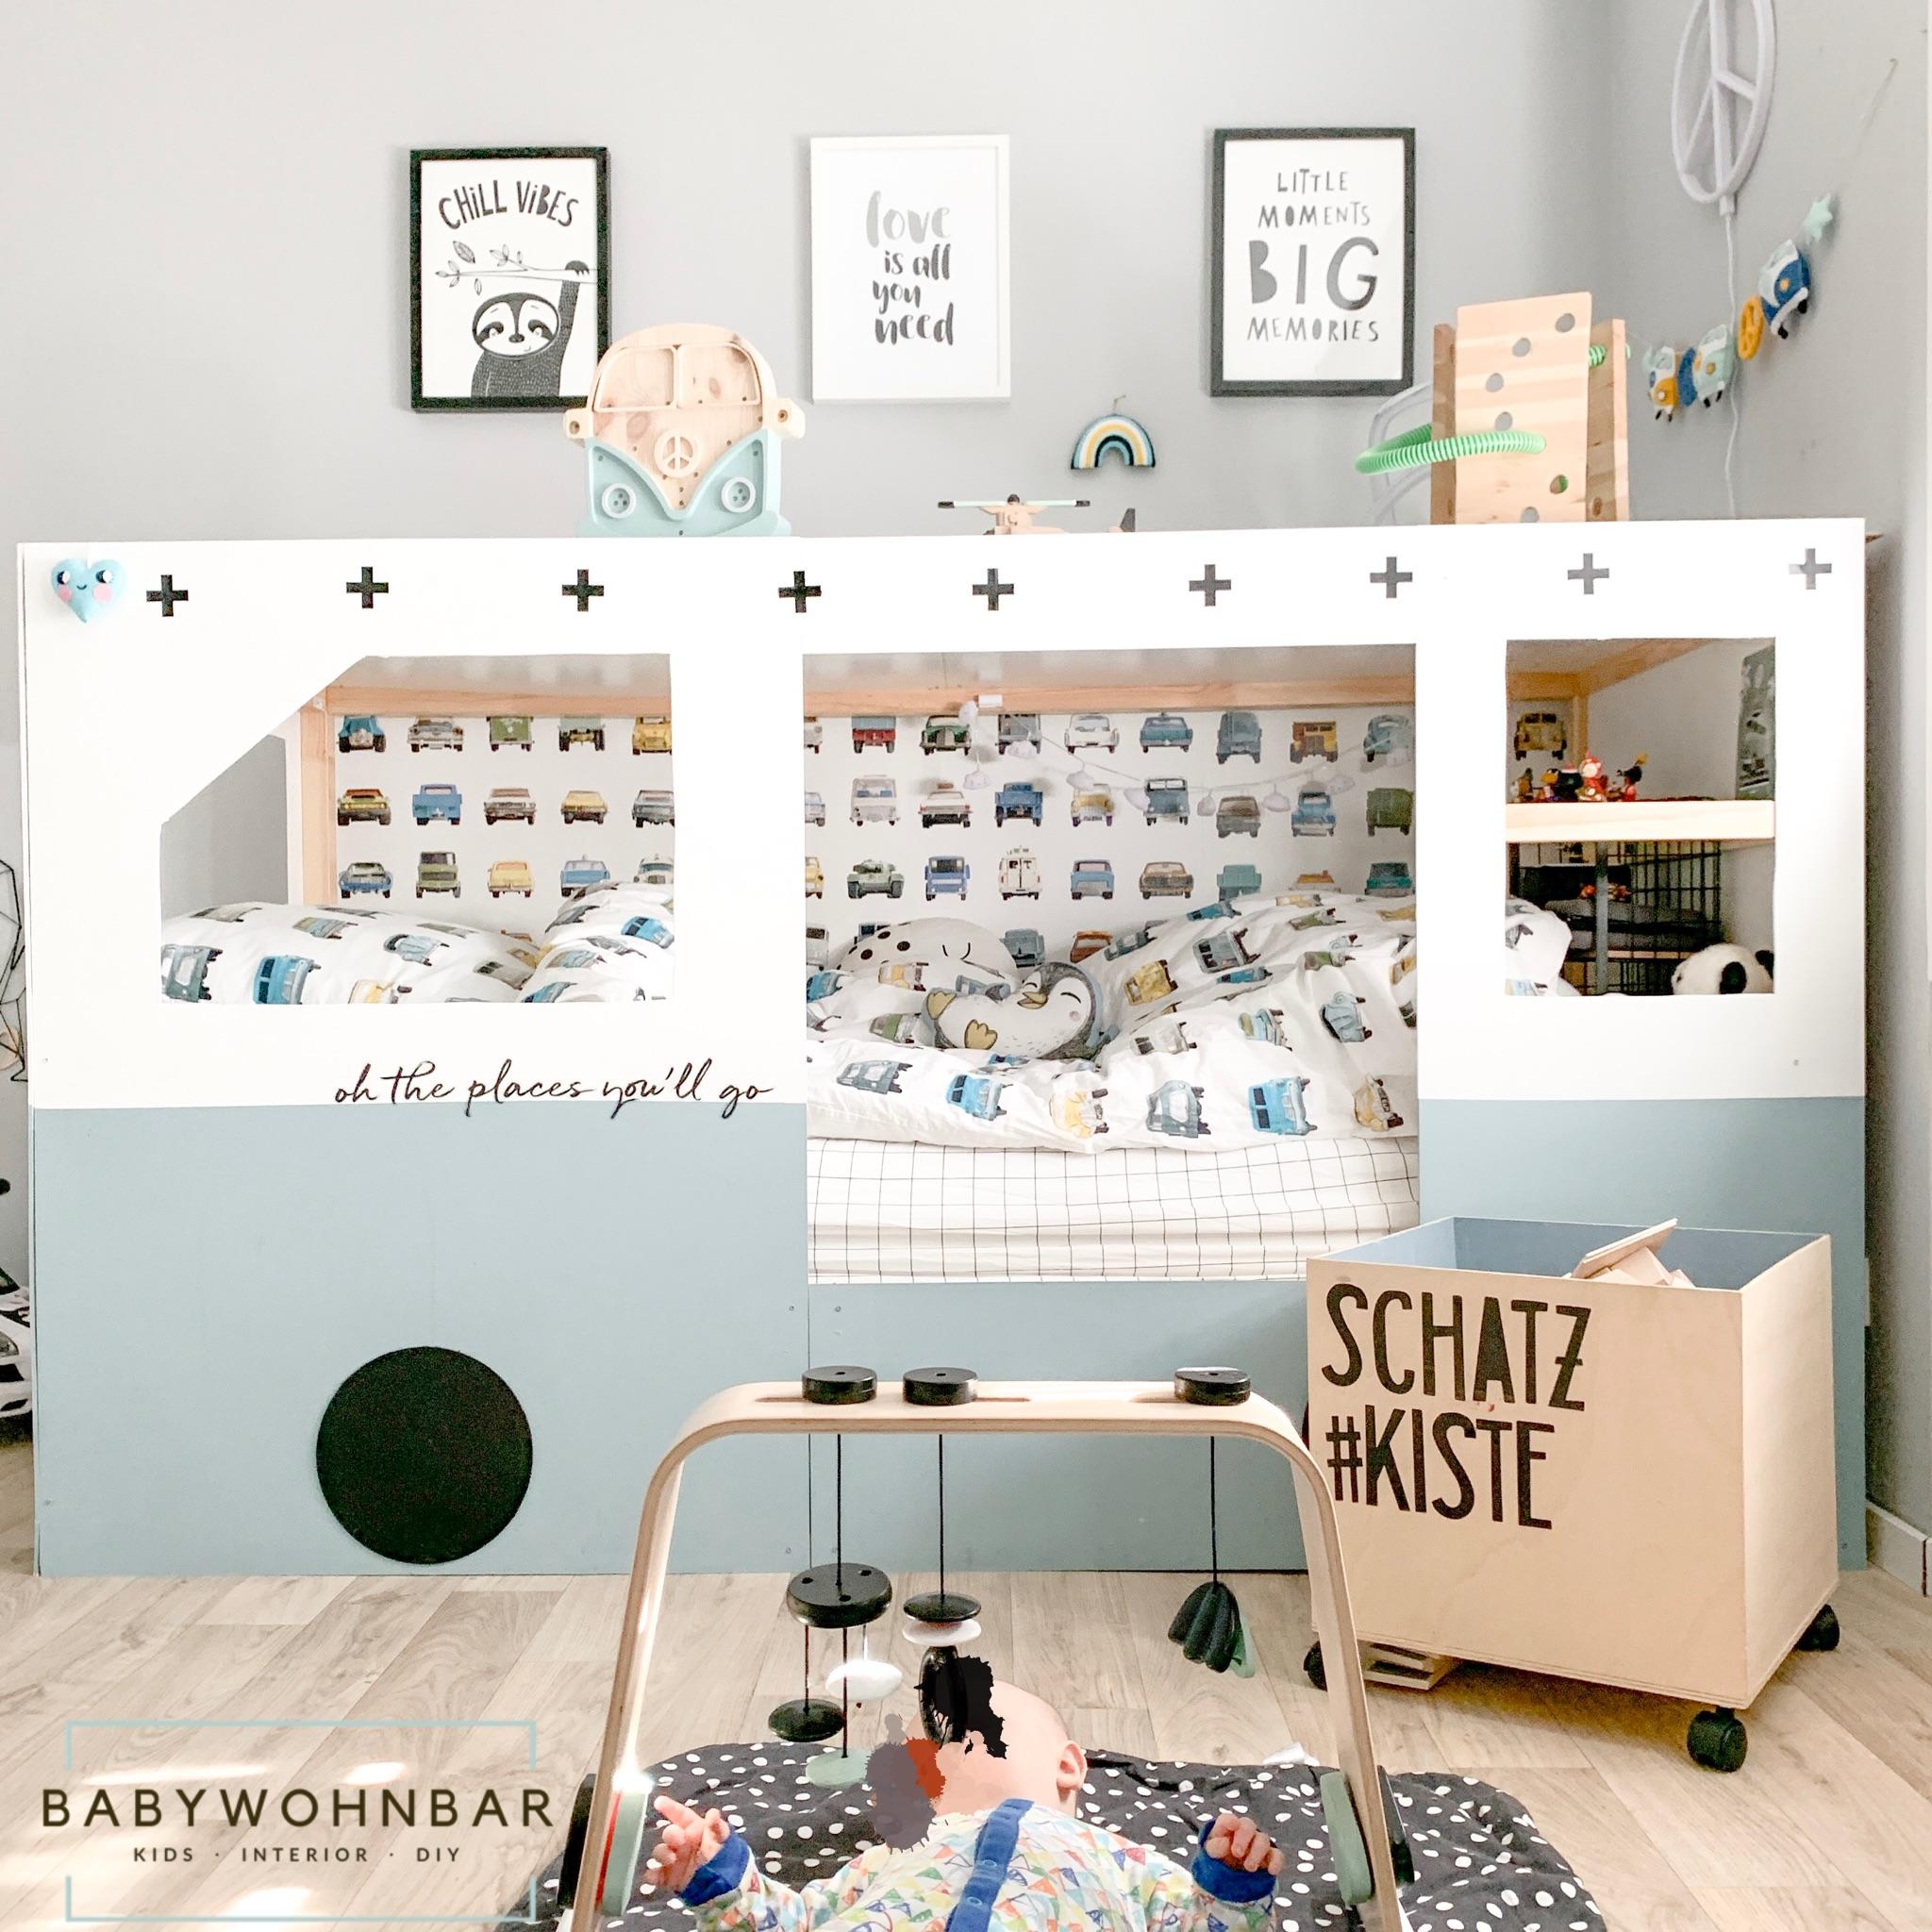 Full Size of Kinderbett Diy Obi Anleitung Ikea Rausfallschutz Bett Haus Ideen Bauanleitung Baldachin Hausbett Kinderbetten Wohnzimmer Kinderbett Diy